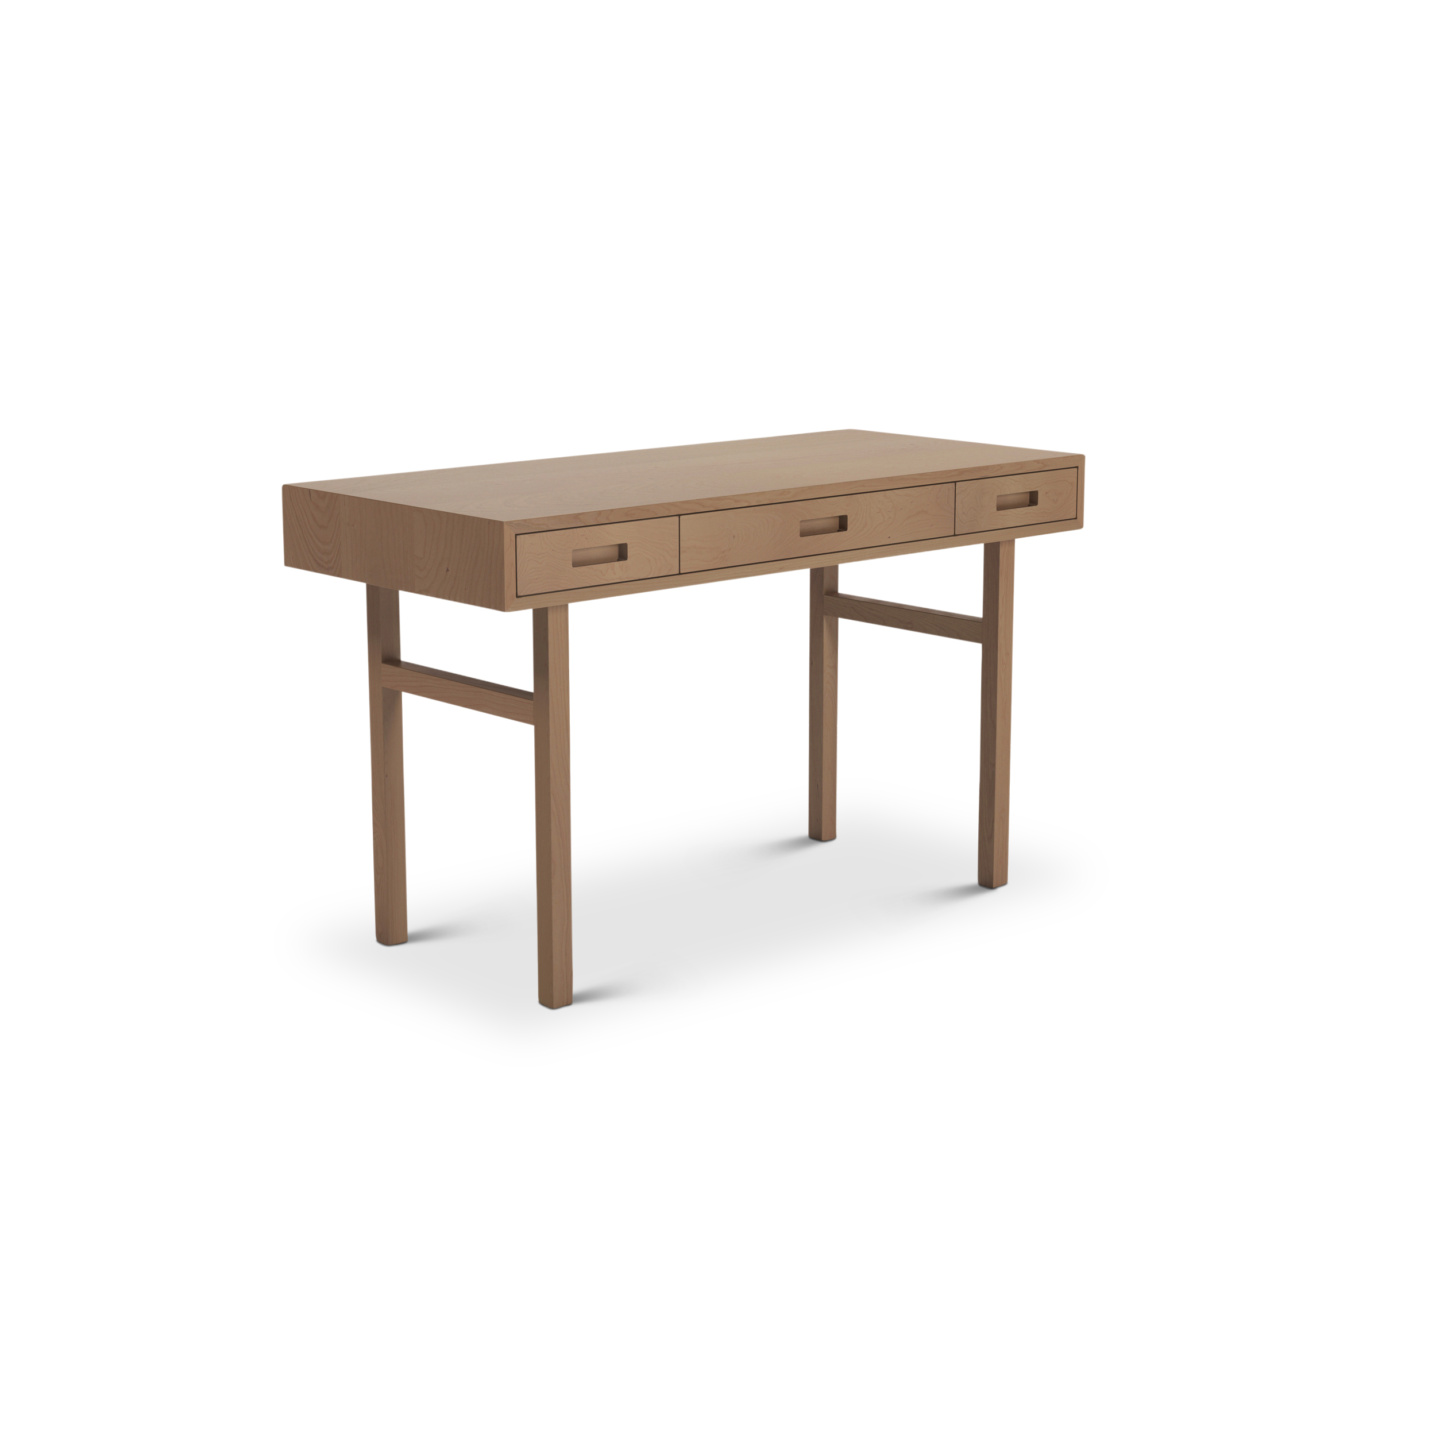 Danish Desk in cherry wood